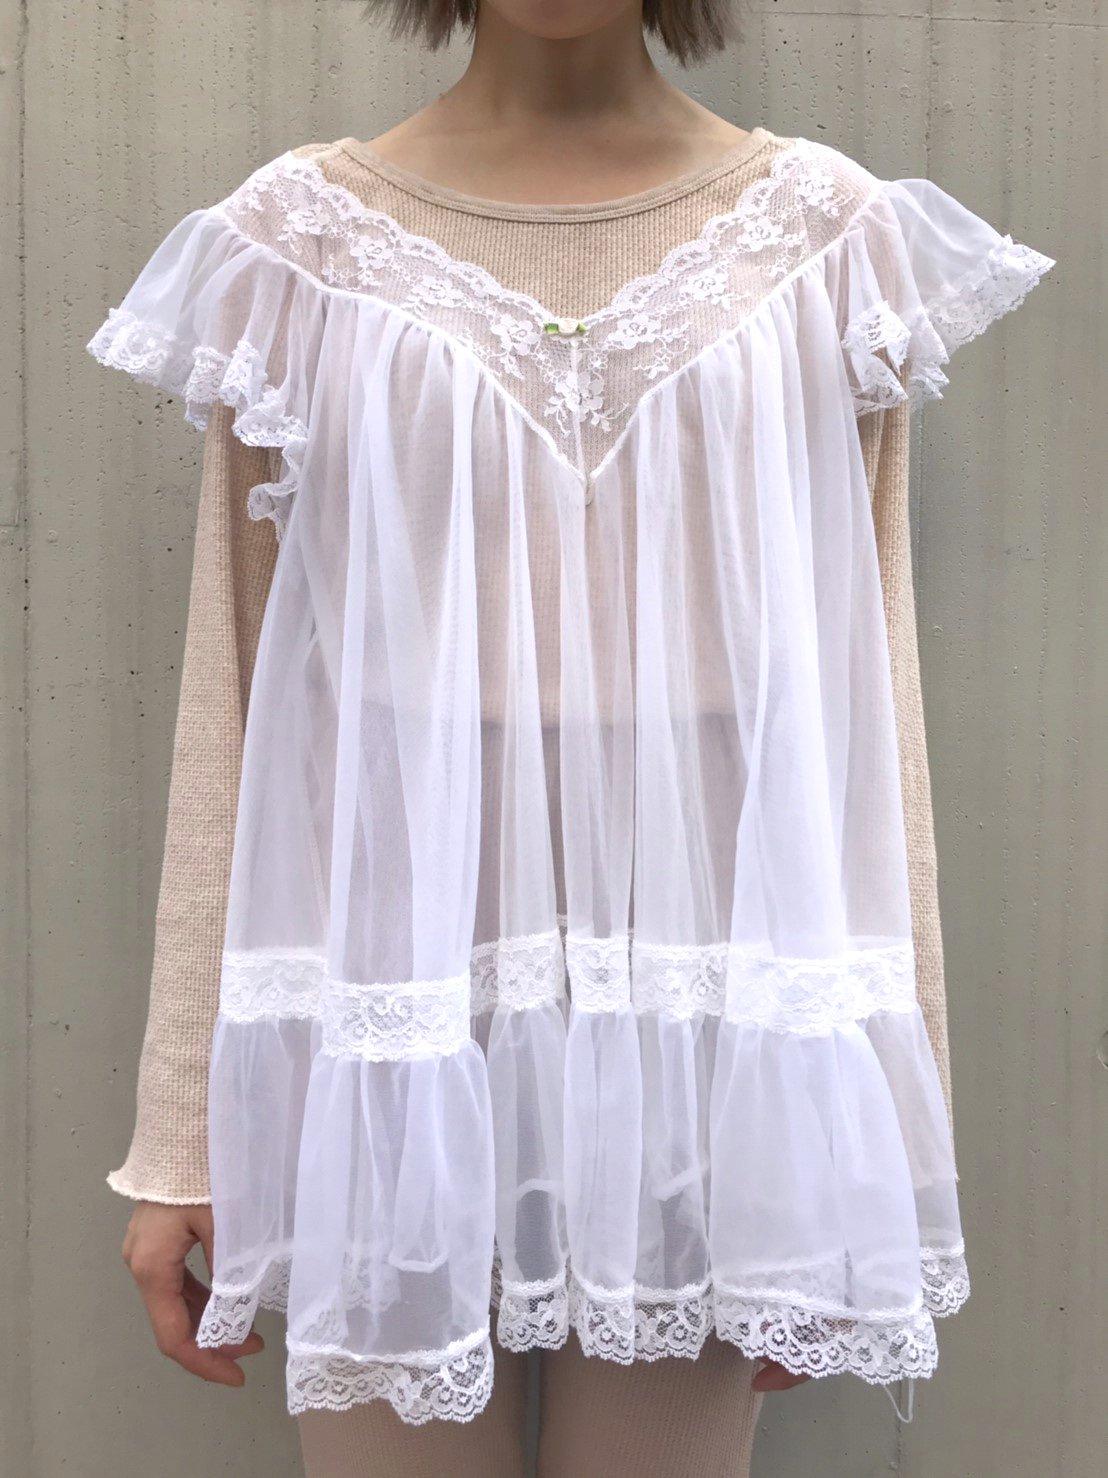 white whip lingerie